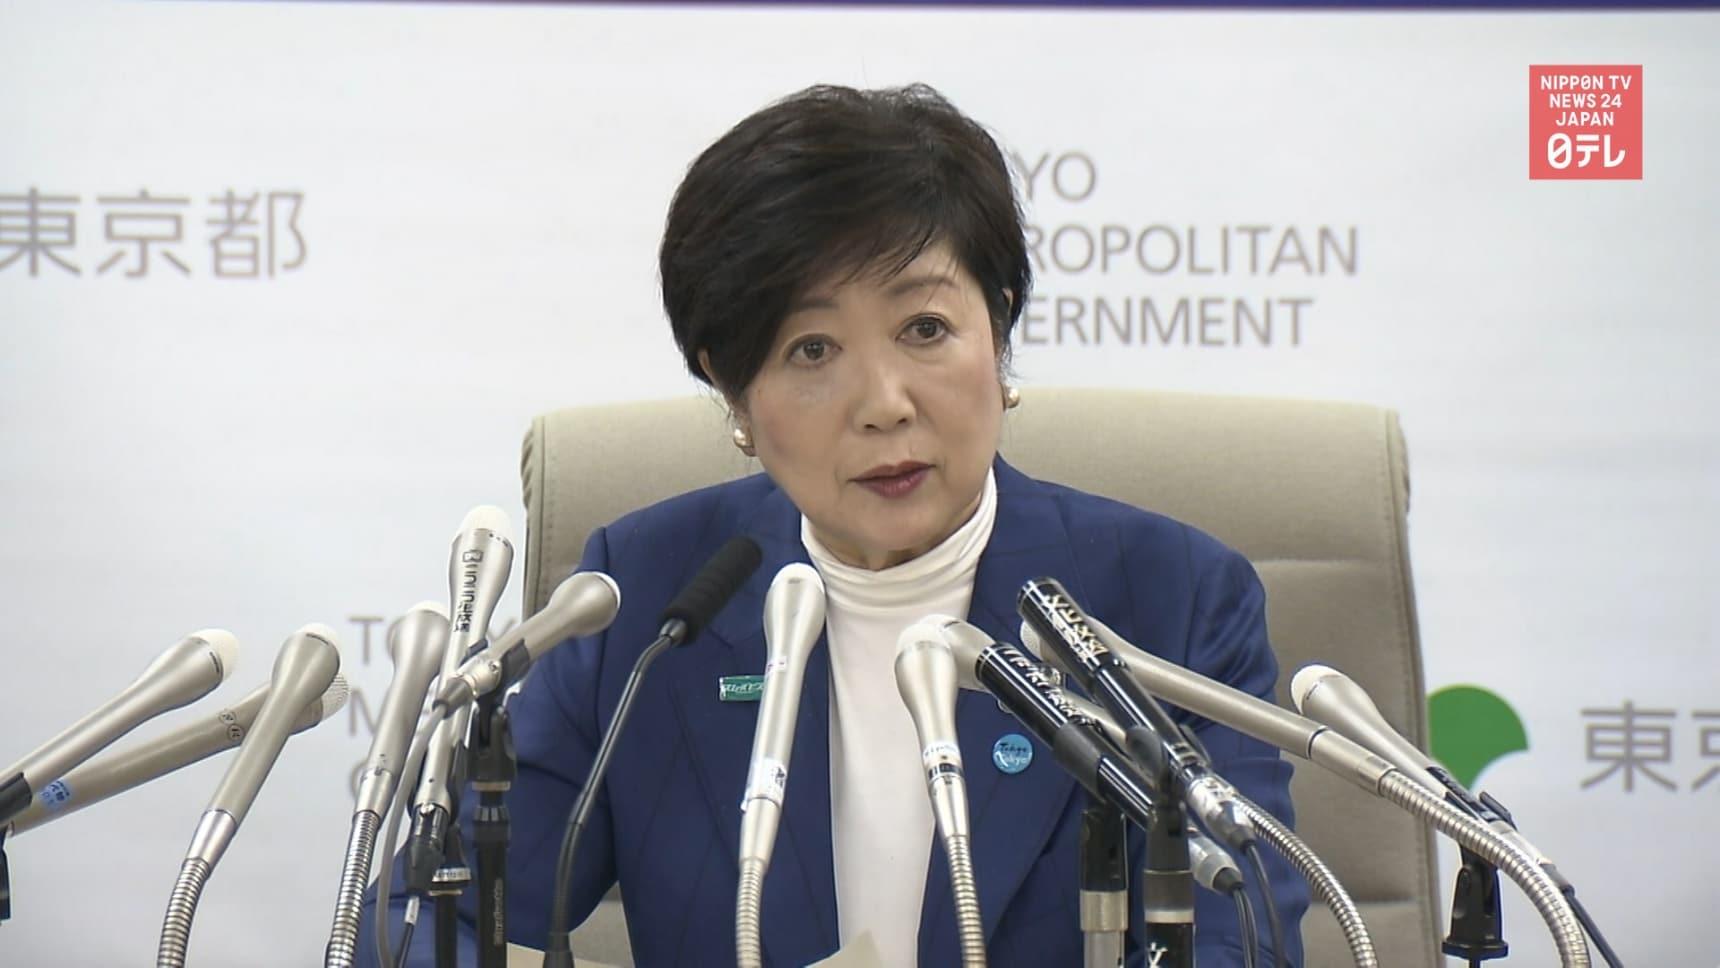 Tokyo Governor Asks for Restraint